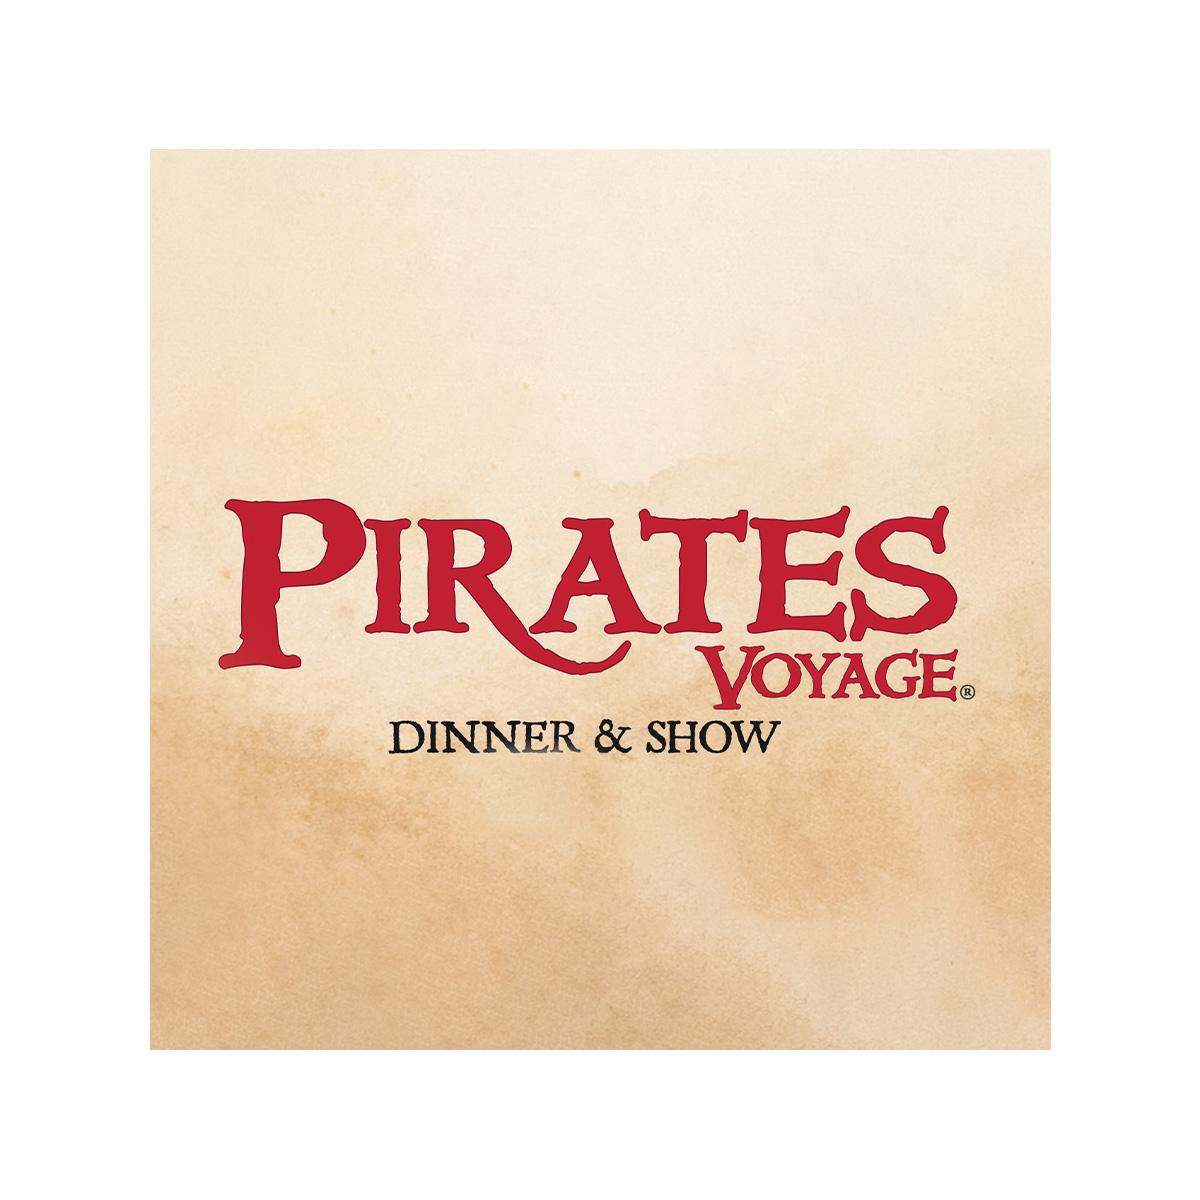 Pirates Voyage SMCB Logo.jpg